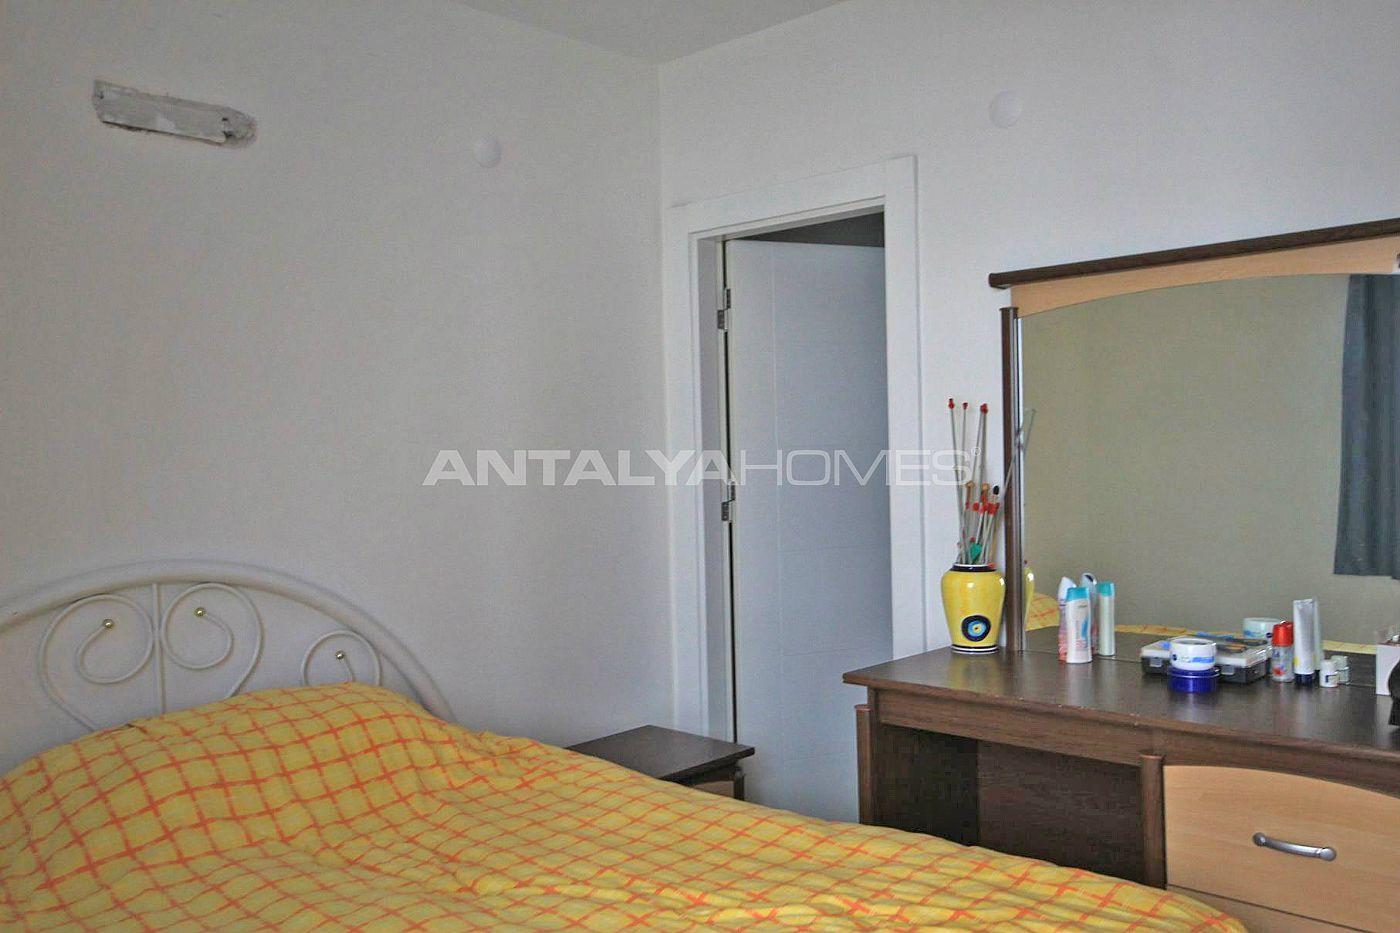 En Suite Bathrooms In Apartments: آپارتمان فروشی 2 خوابه در کنییالتی آنتالیا